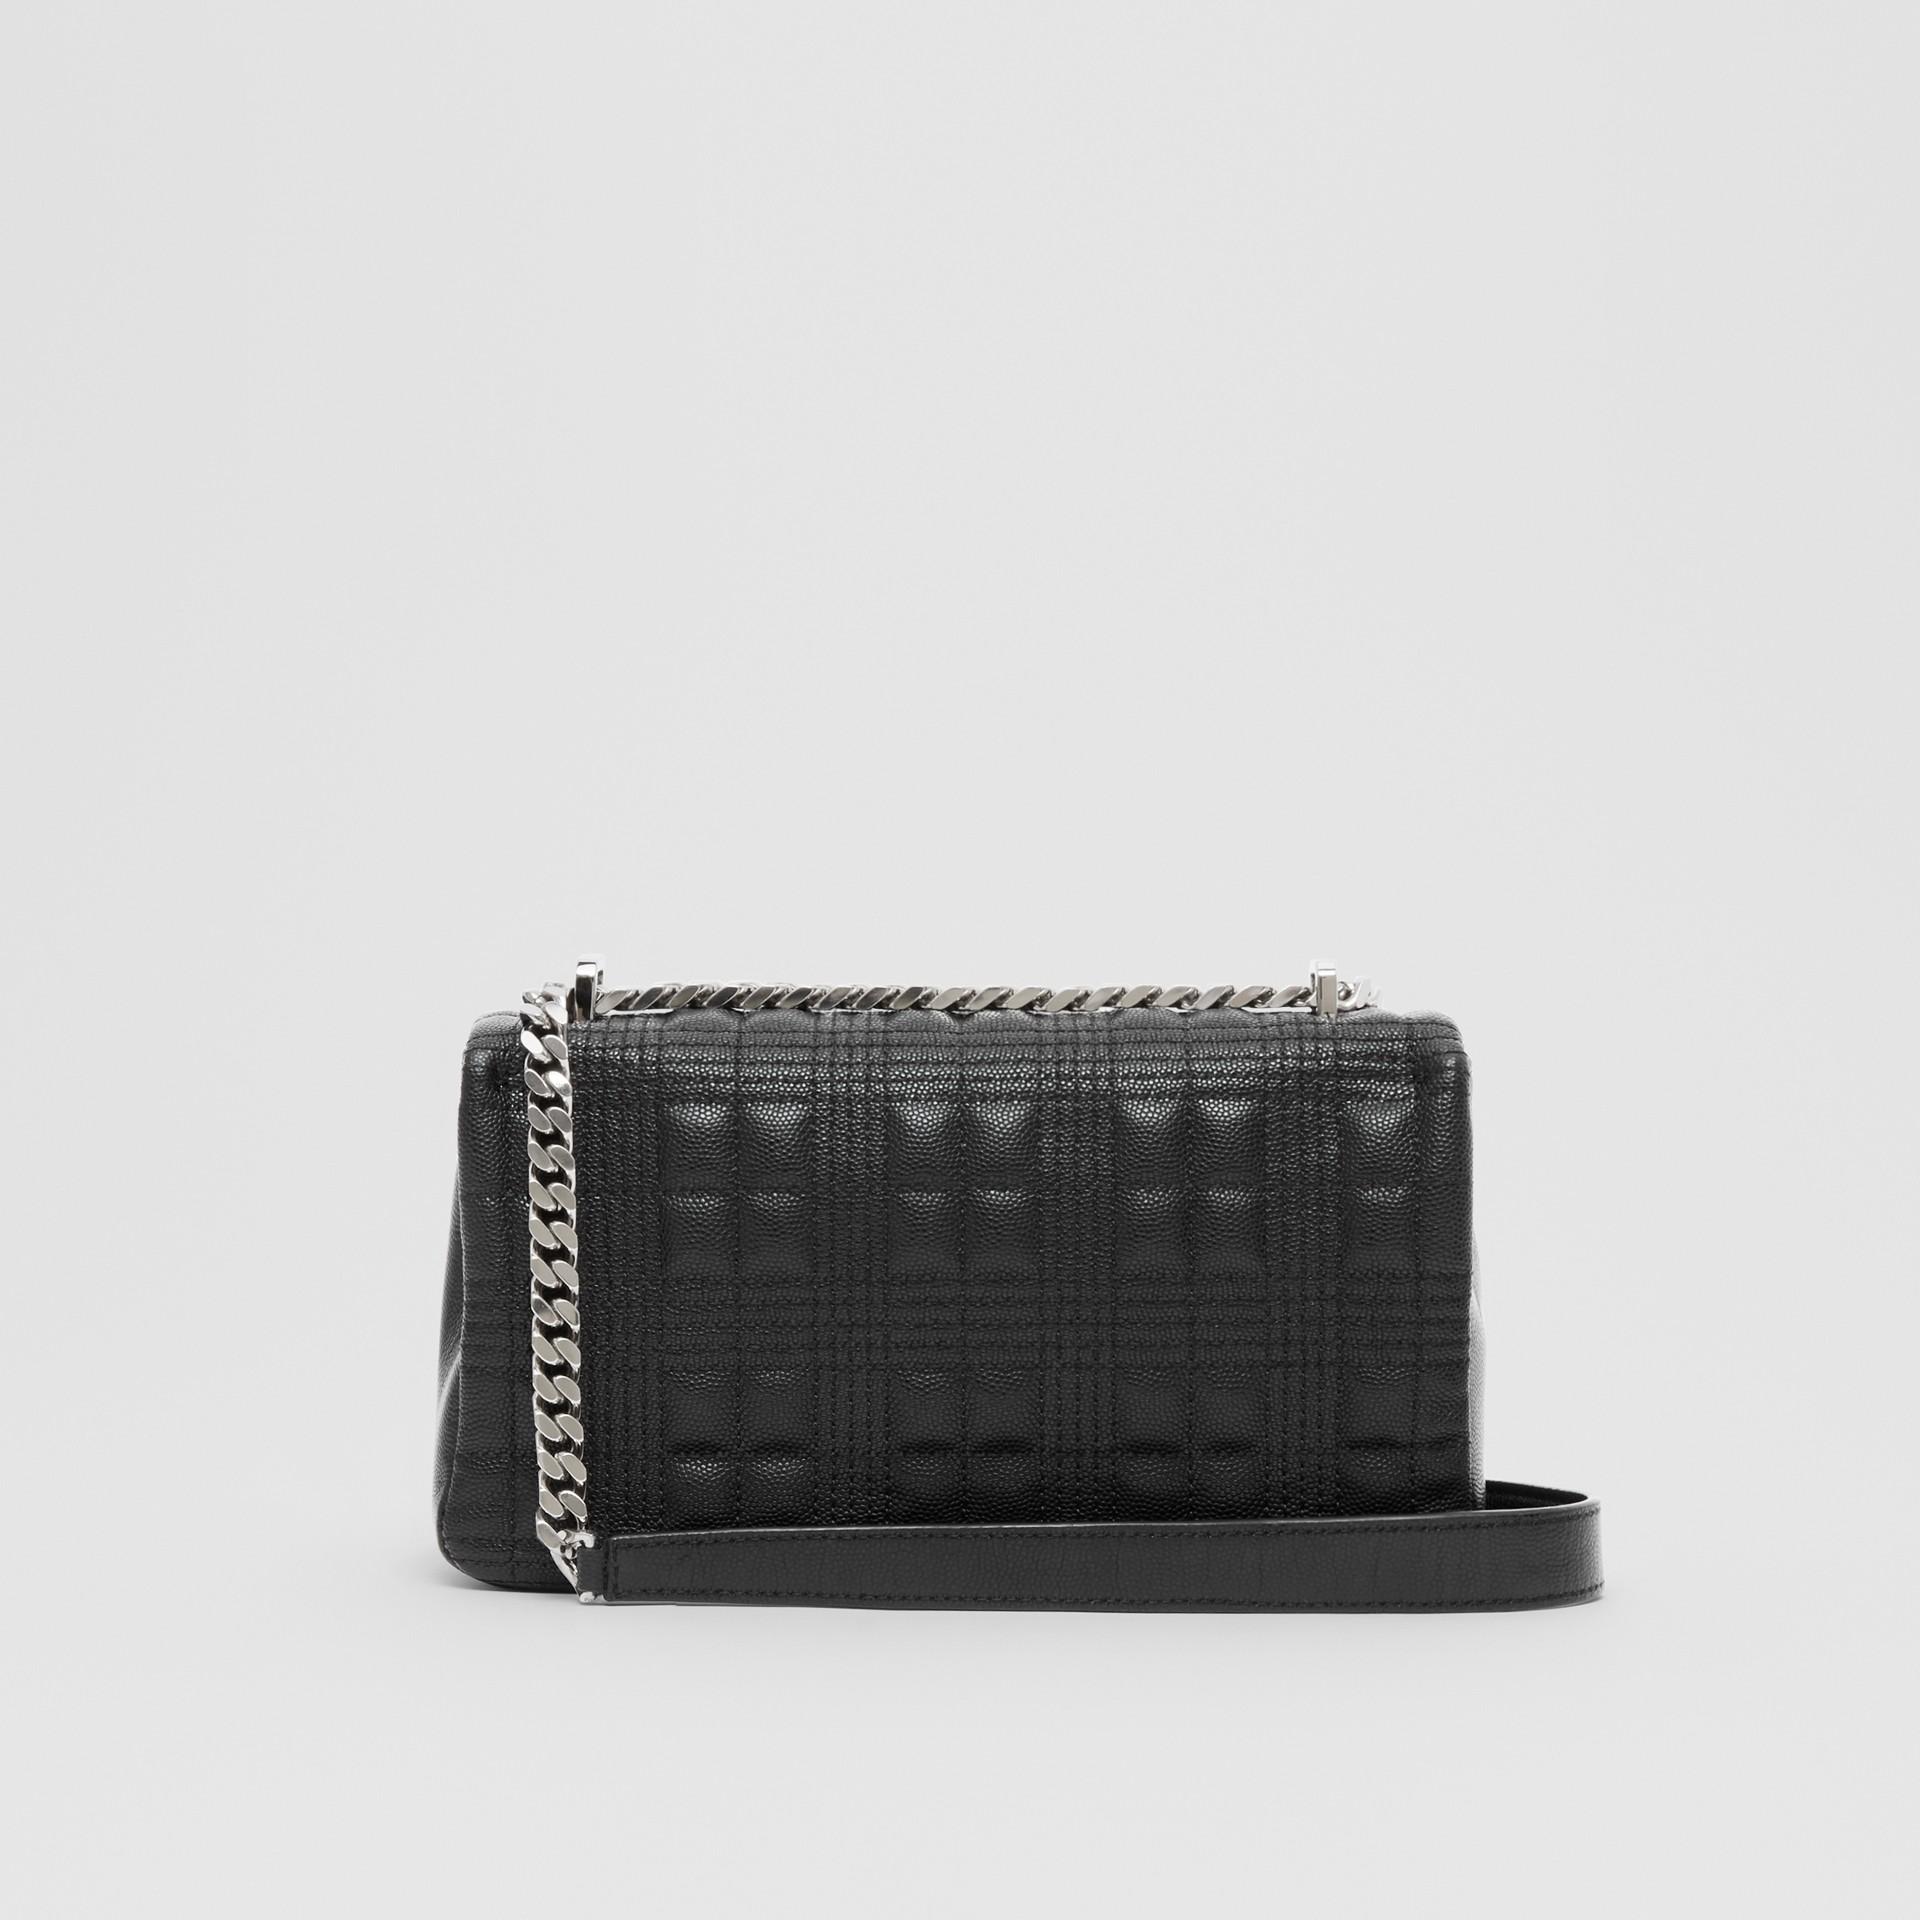 Bolsa Lola acolchoada em couro granulado - Pequena (Preto) | Burberry - galeria de imagens 9